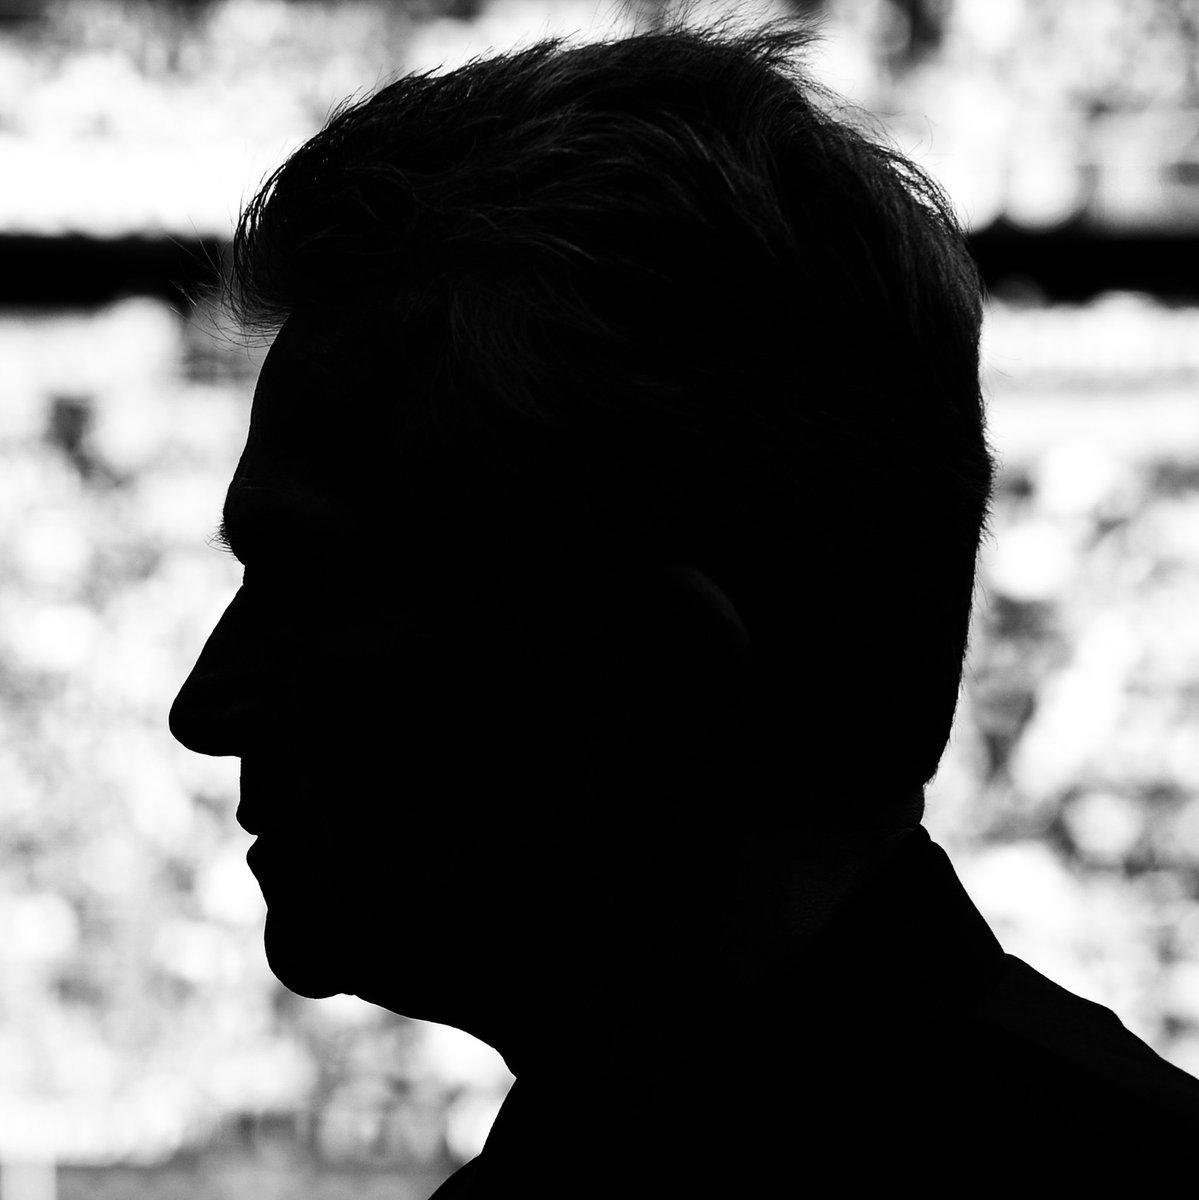 🎈 Hoy cumple años una leyenda del fútbol alemán, campeón de Europa en dos ocasiones como entrenador...  ¿De quién se trata? 🤔  #UCL https://t.co/G8Mv1w9TkQ